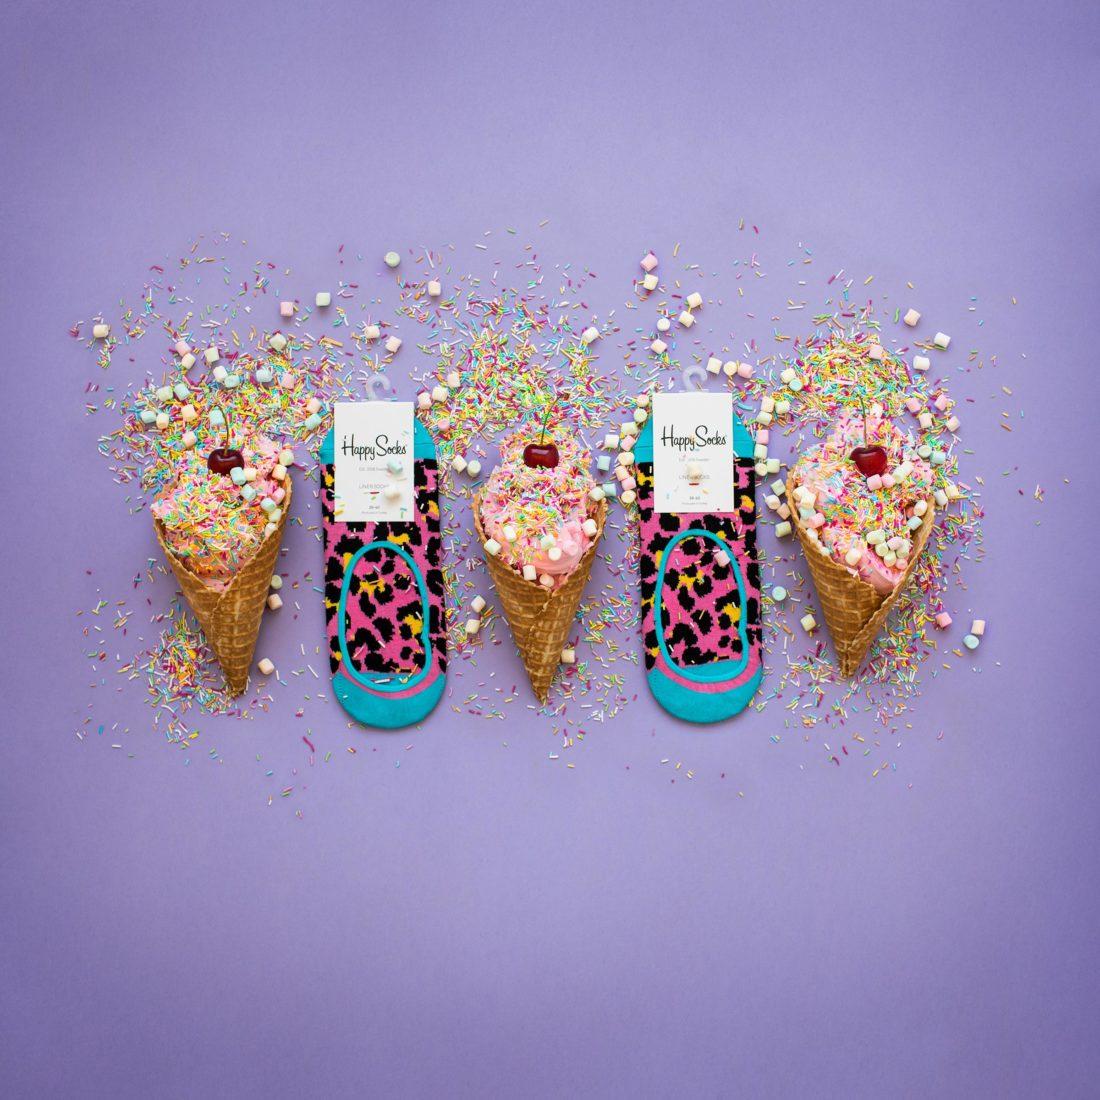 Mjukglass med strössel och körsbär tillsammans med Happy socks low socks